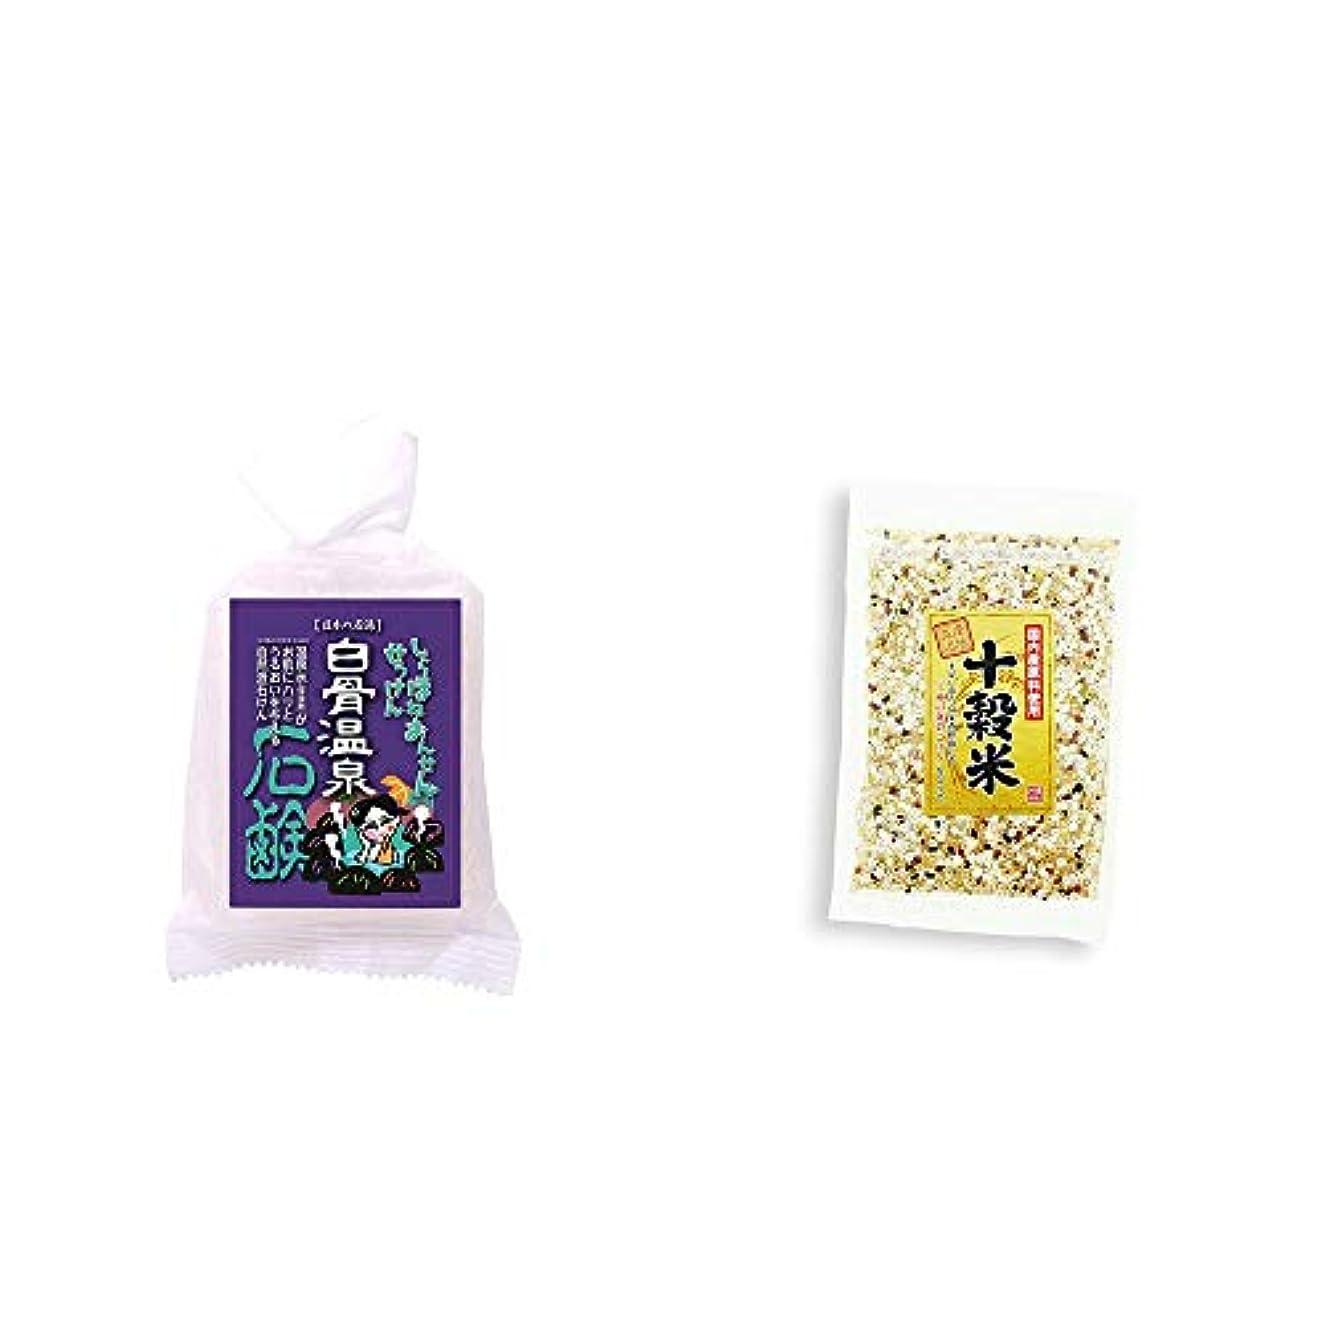 [2点セット] 信州 白骨温泉石鹸(80g)?国産原料使用 十穀米(300g)